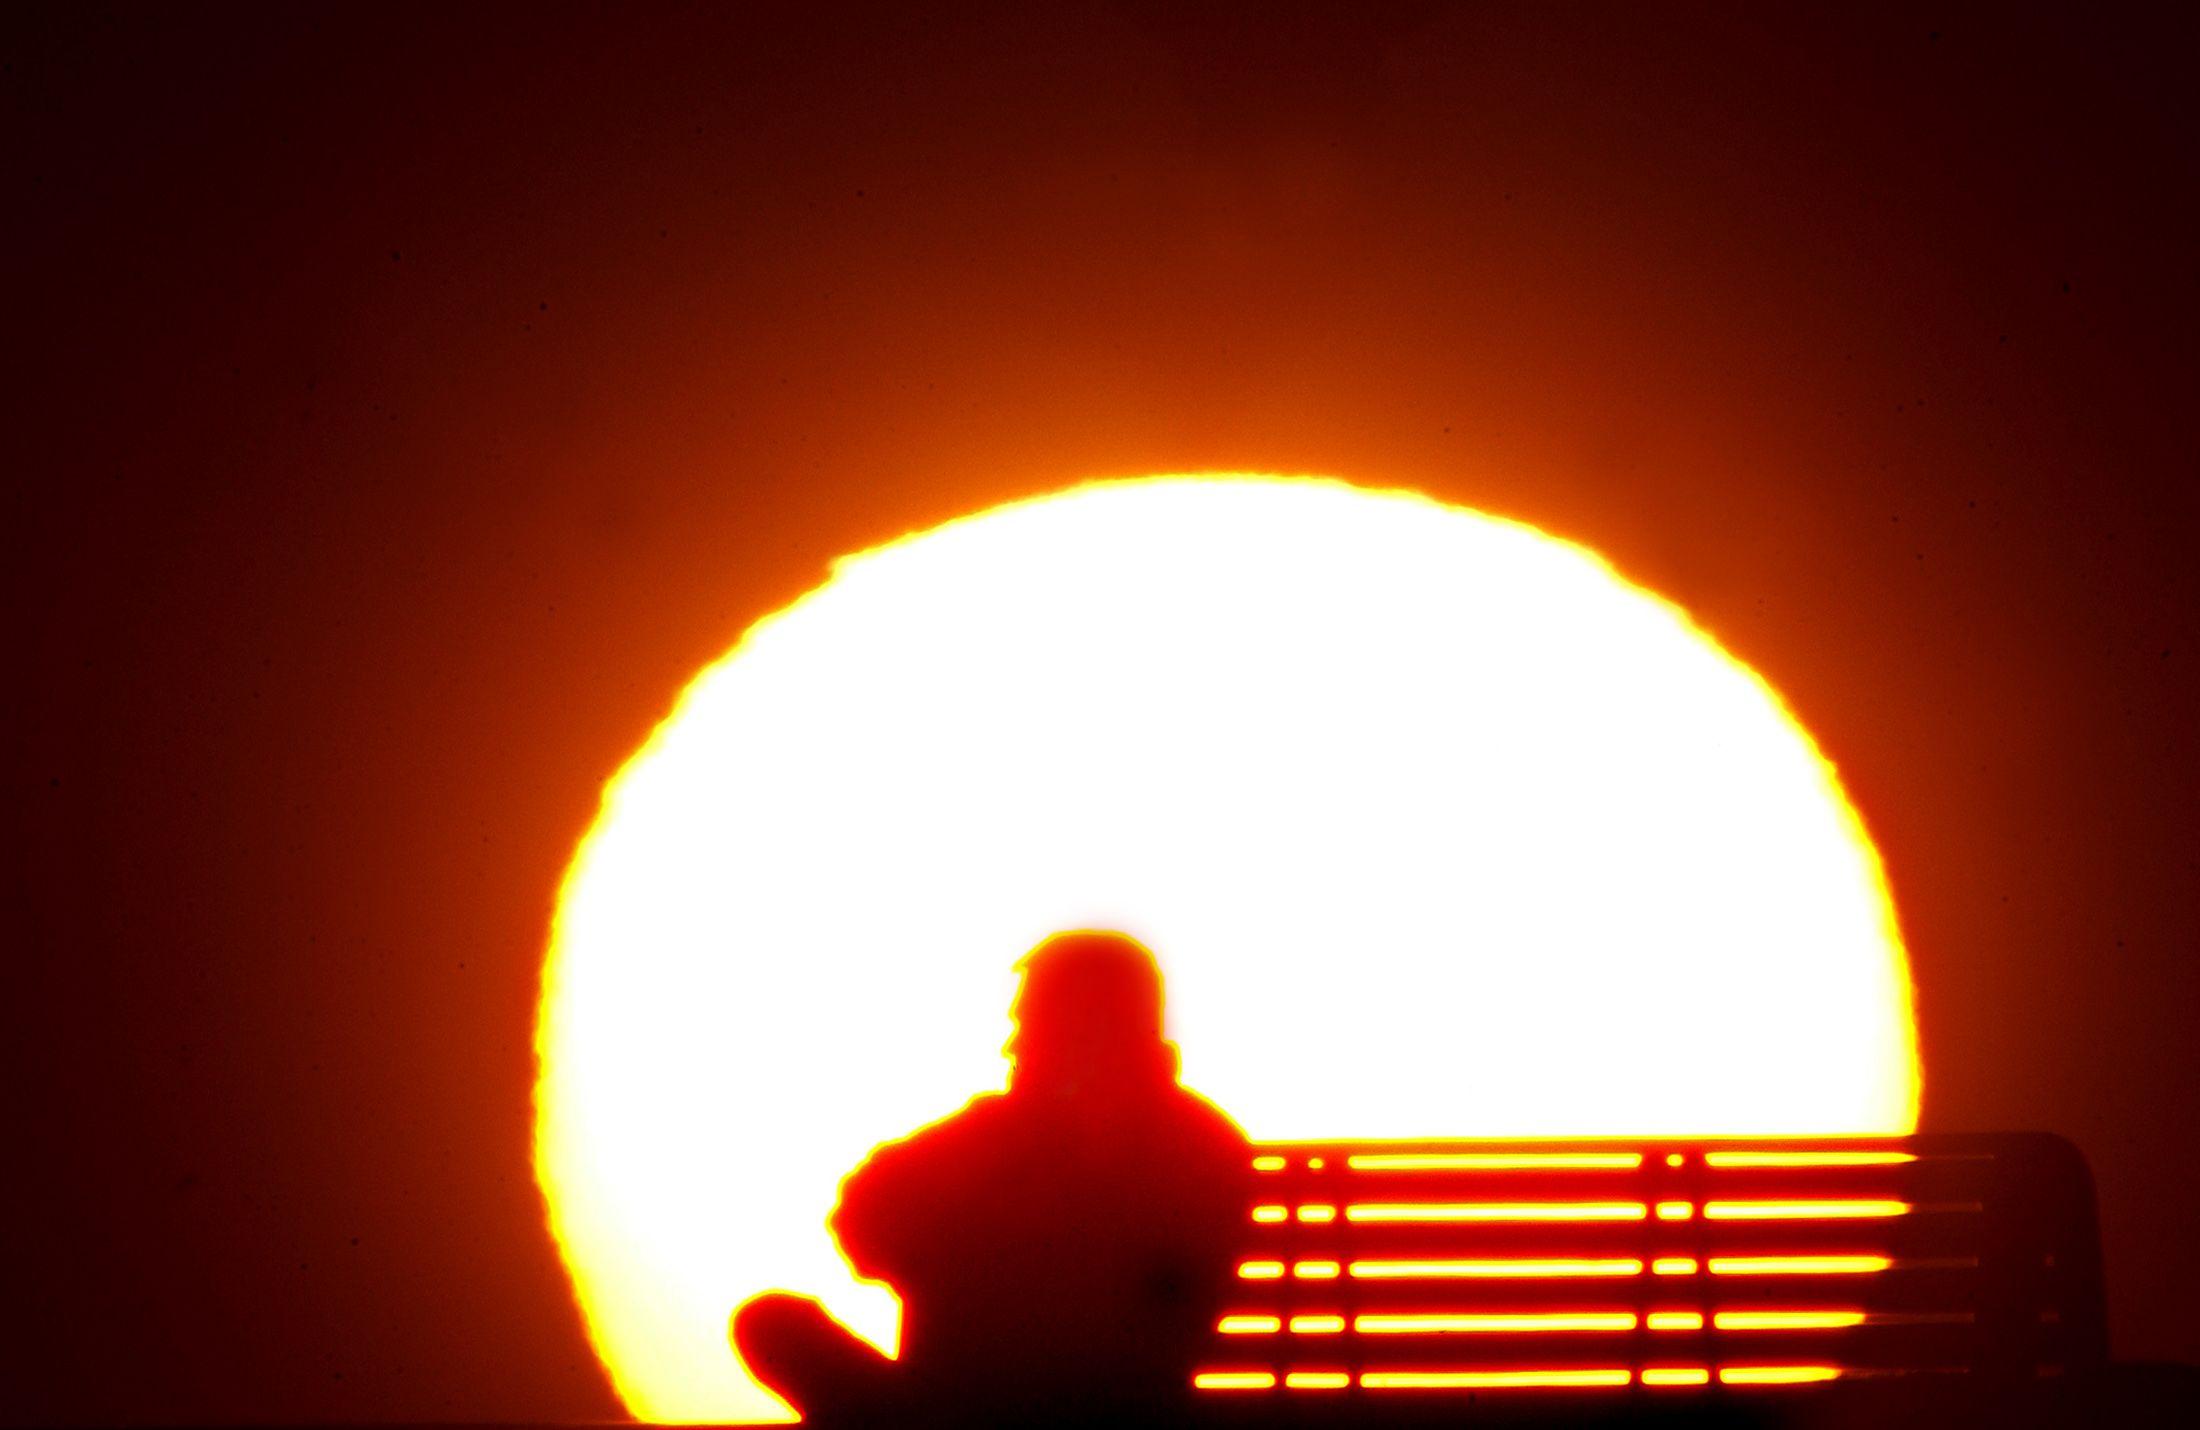 Seuls janvier et avril n'ont pas dépassé les relevés température mensuelle les plus élevés à la surface du globe.